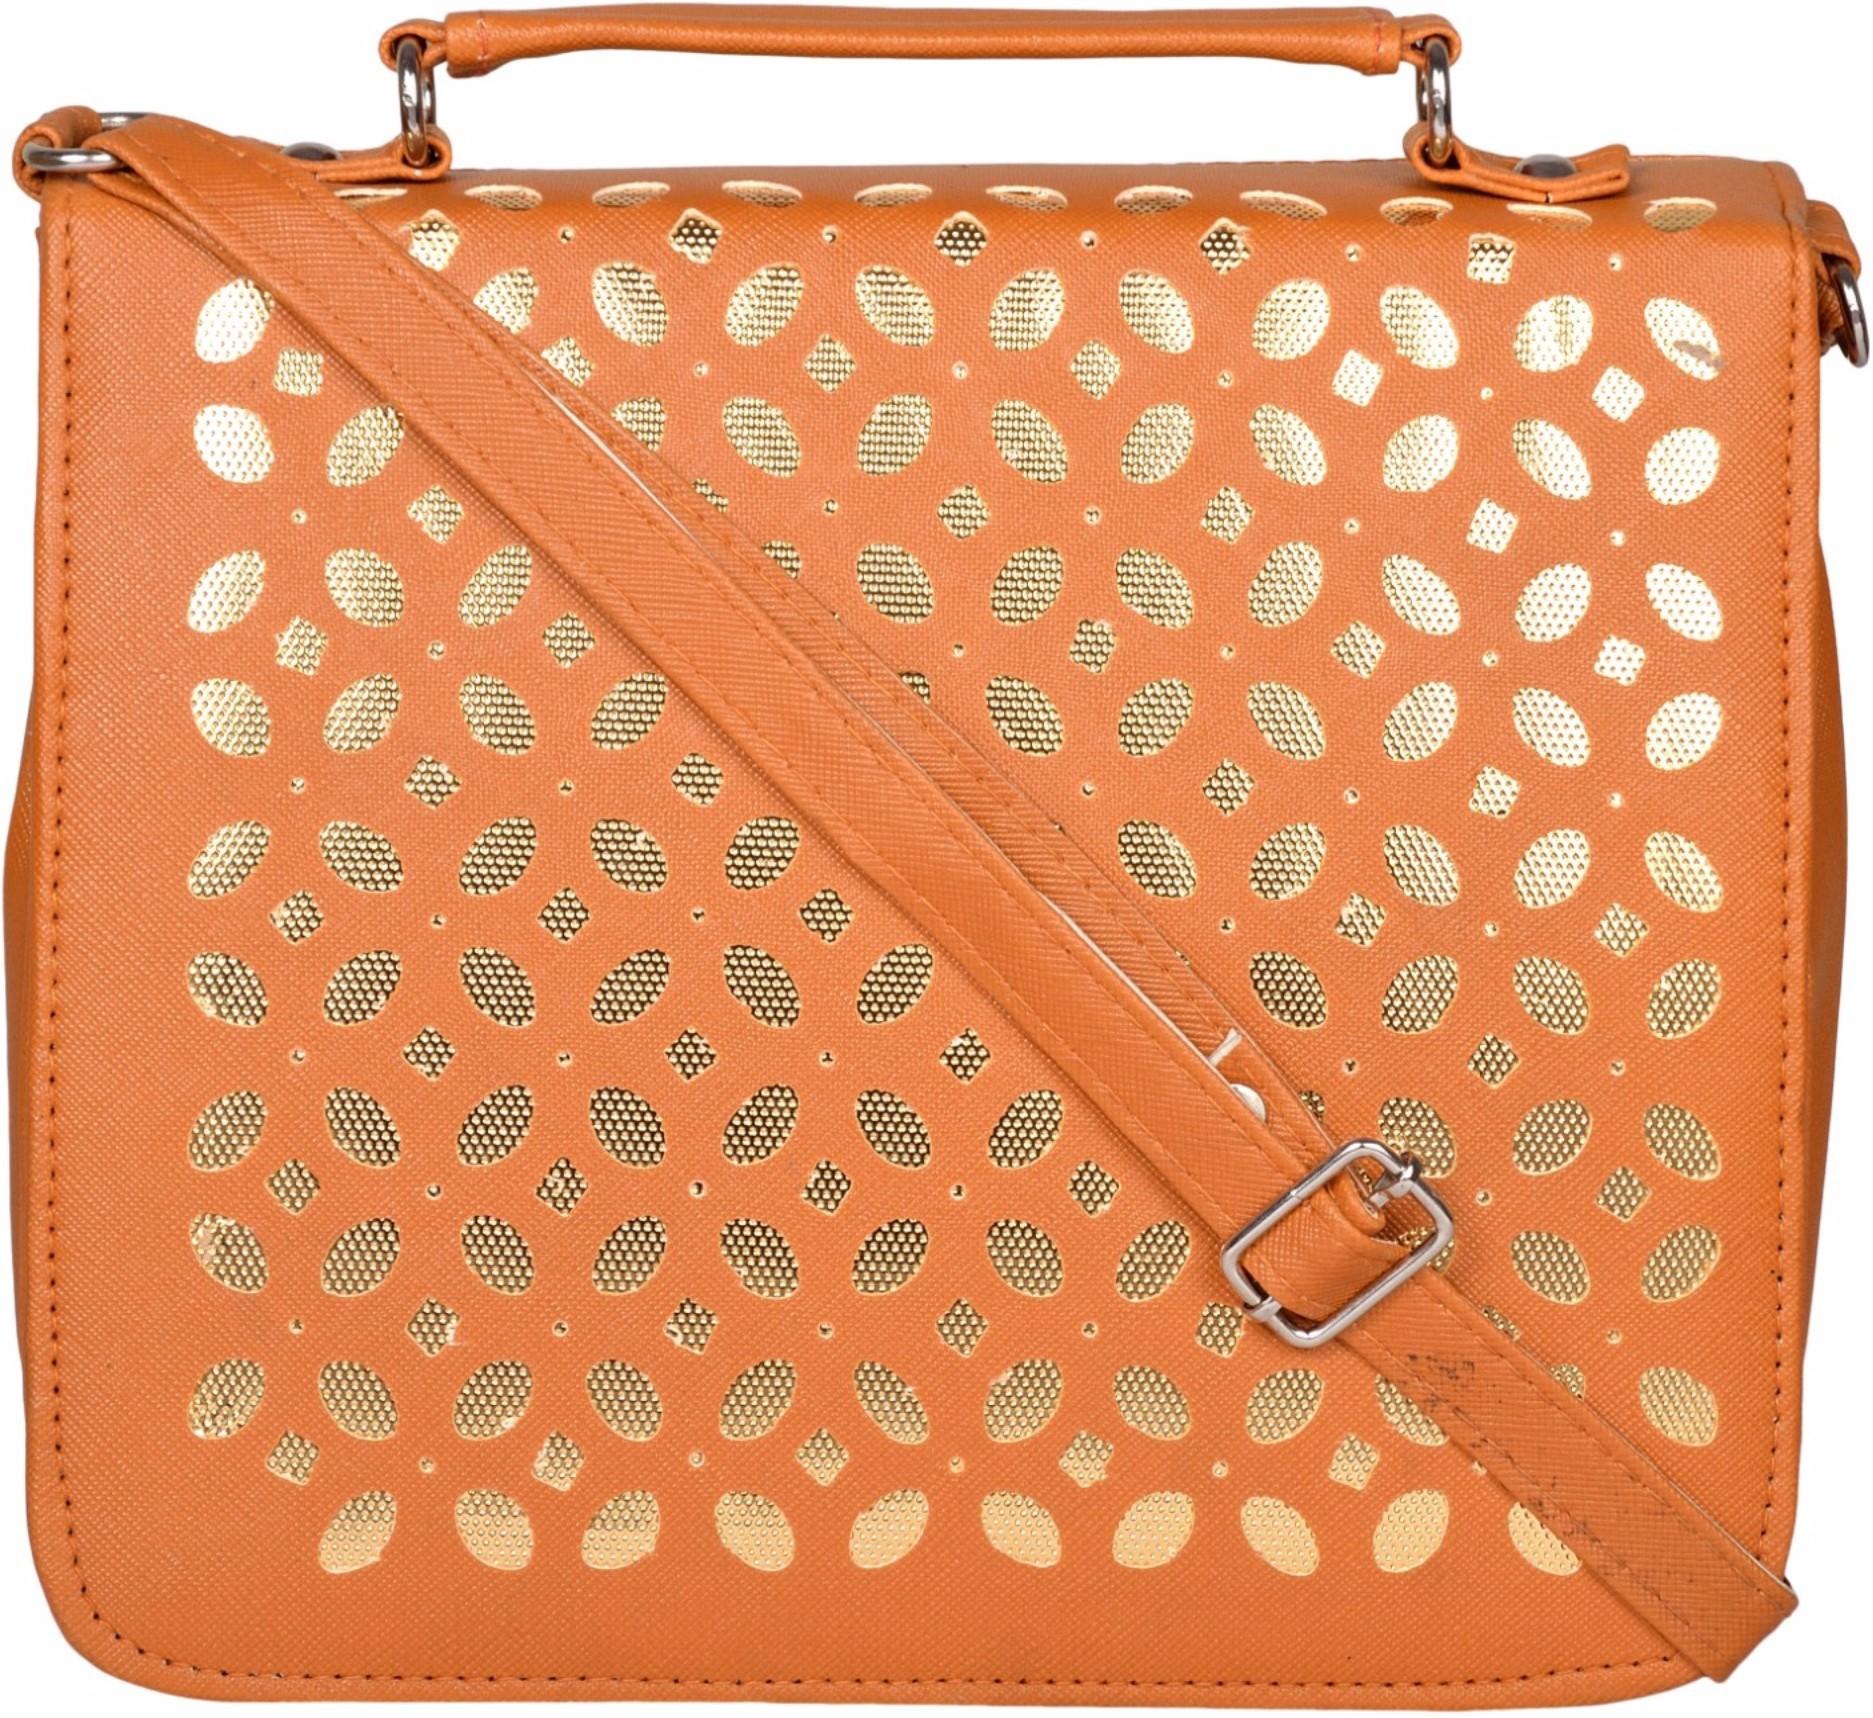 Sling bag below 500 - Cuddle Women Brown Pu Sling Bag